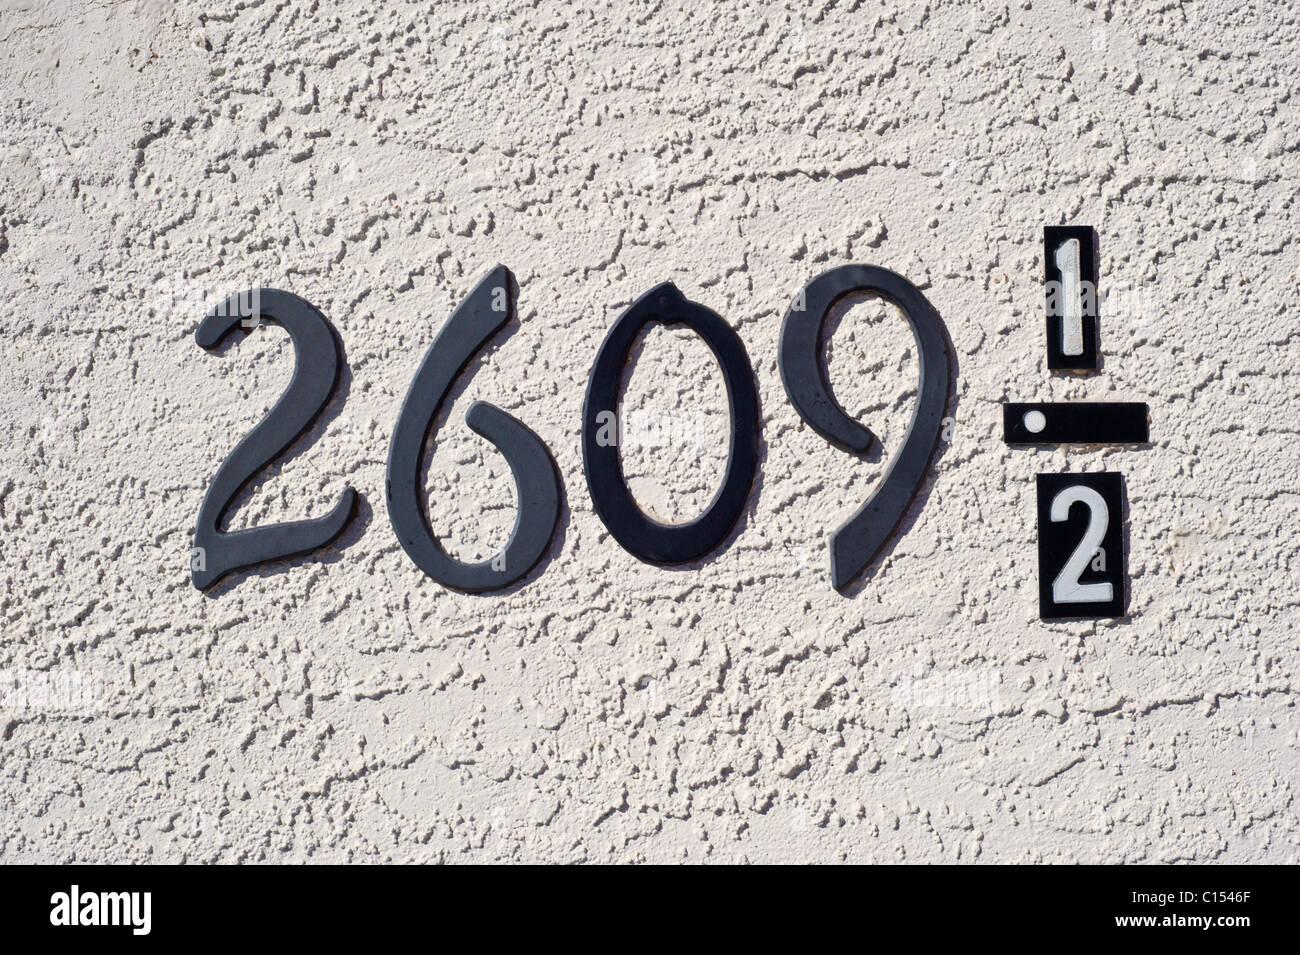 Un insolito indirizzo a Roswell, New Mexico. Immagini Stock